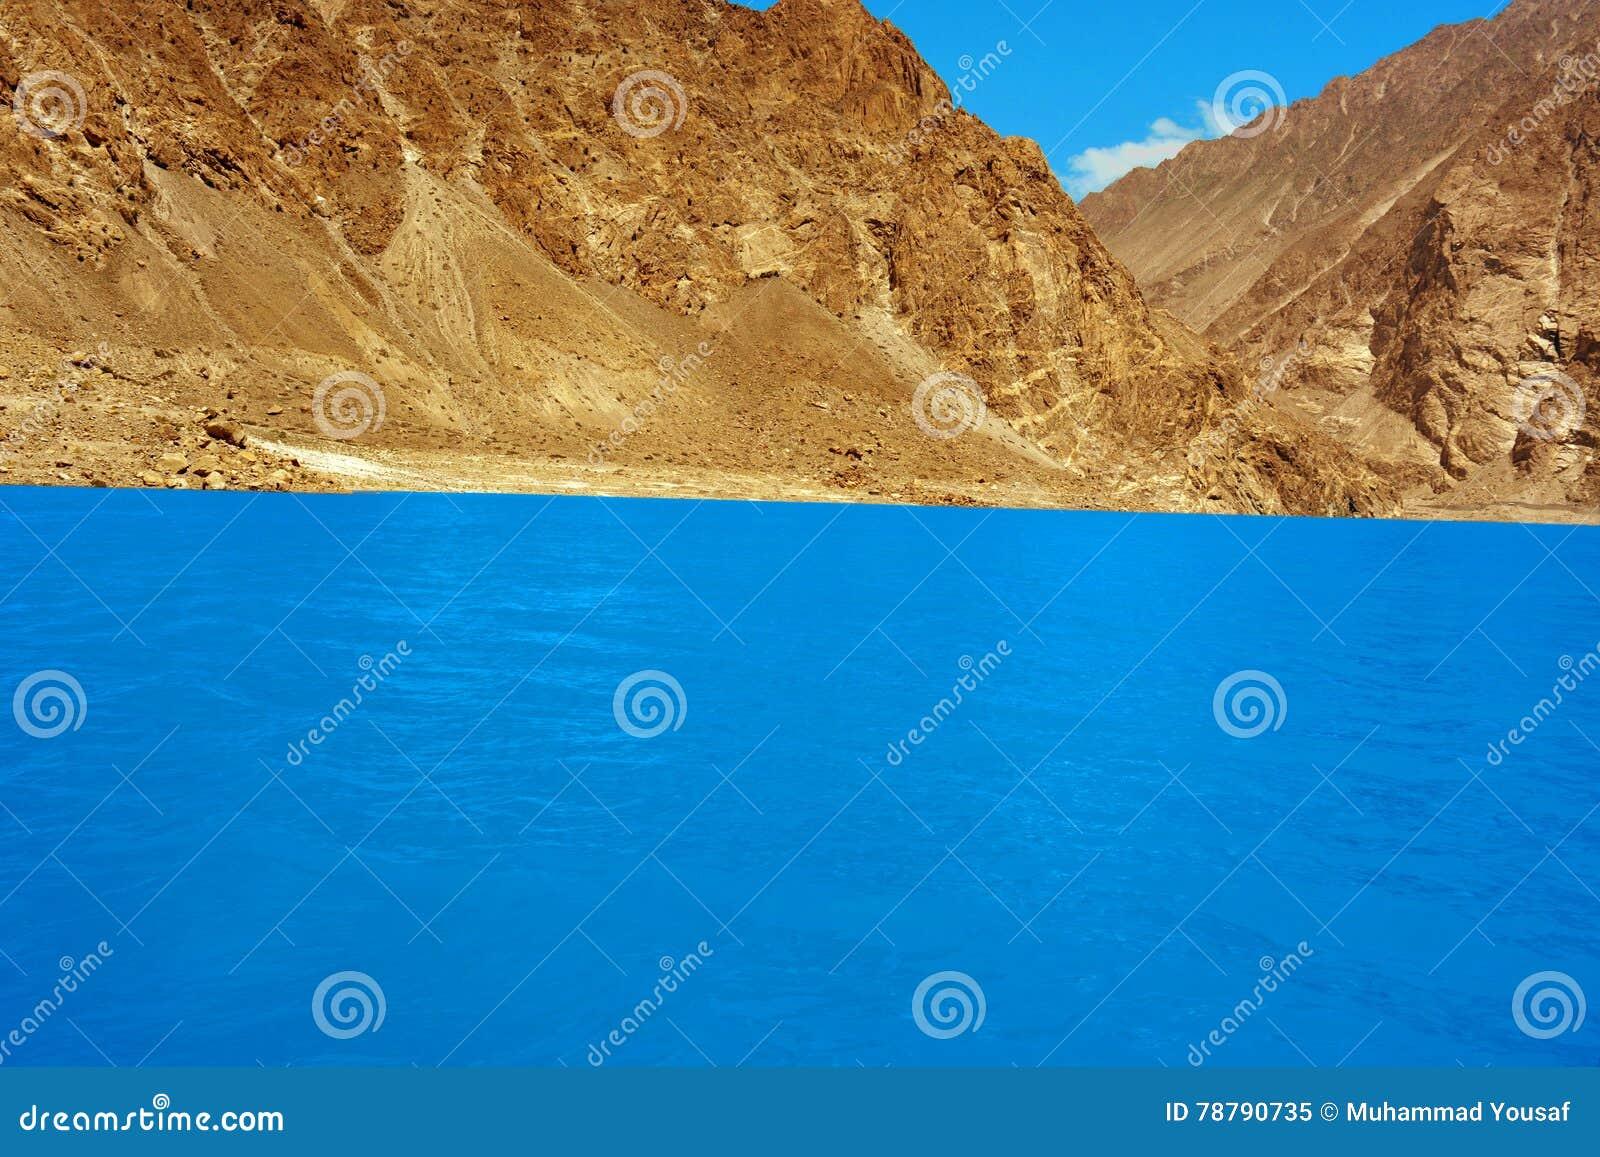 Traummomentlandschaft des hohen Berges mit See und blauem Wasser